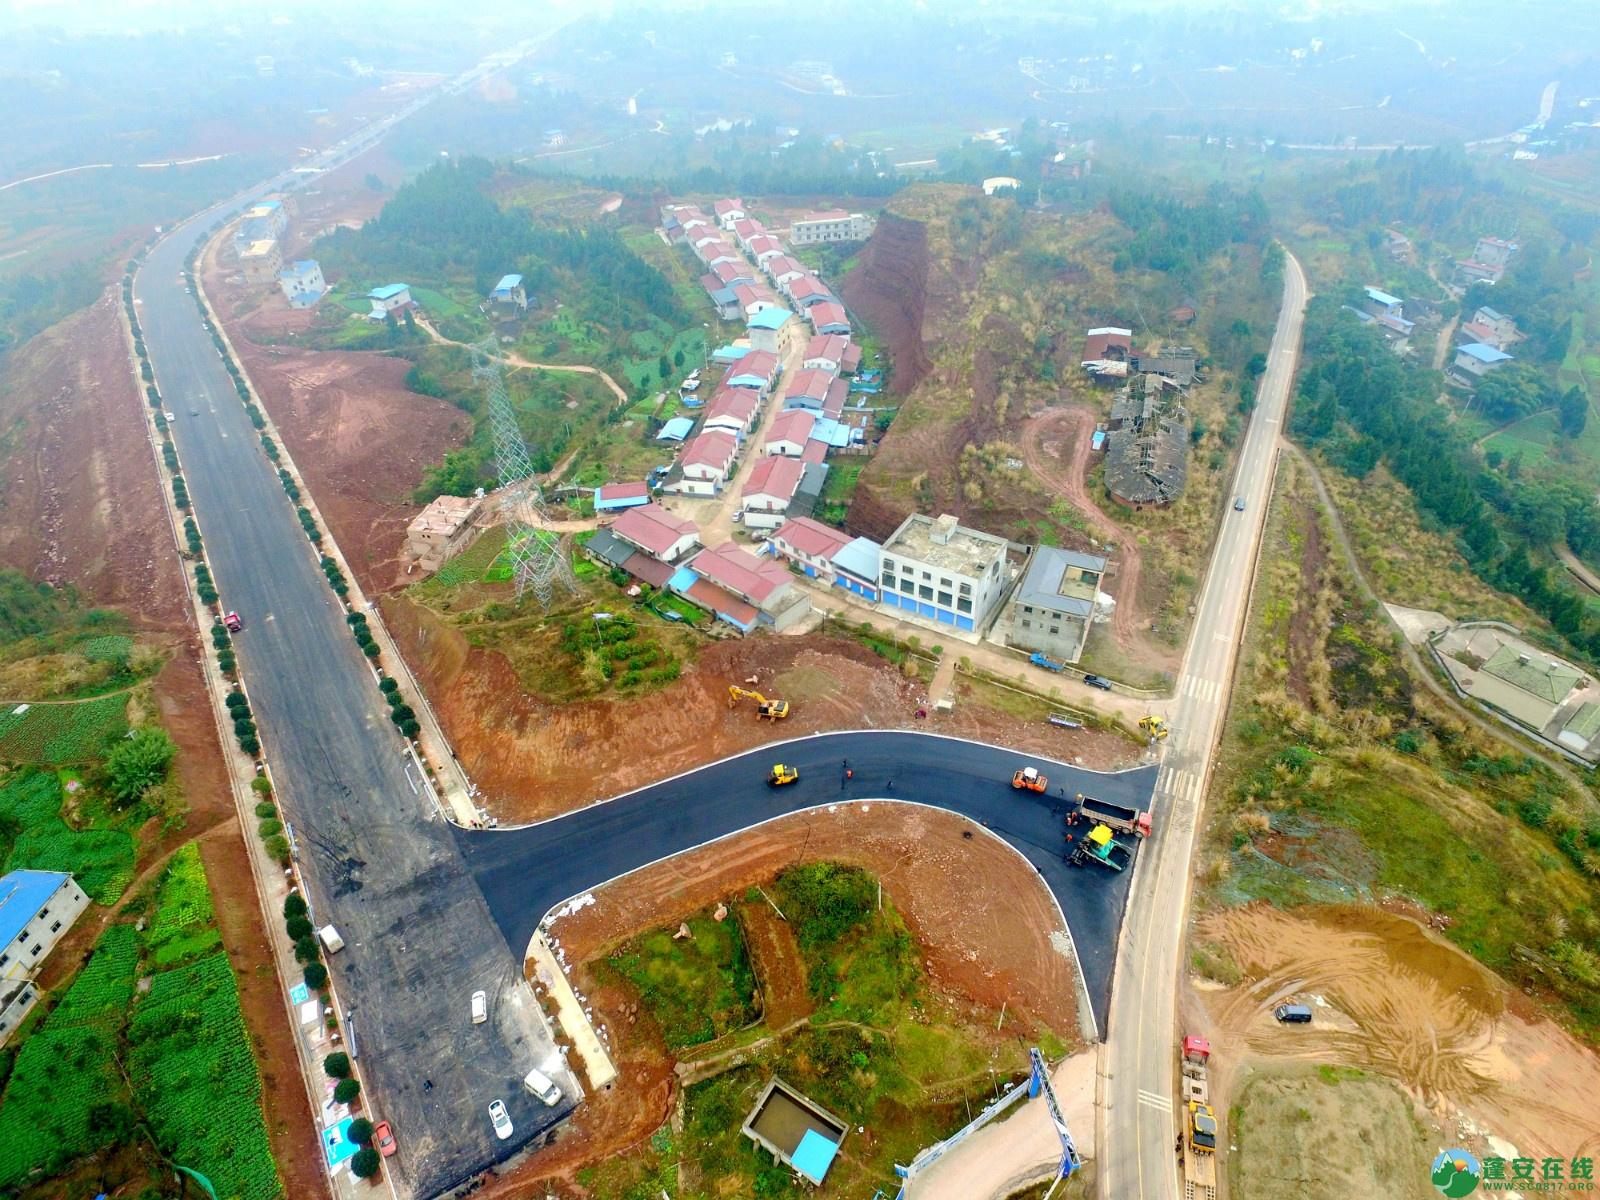 蓬安县凤凰大桥西延线、燕山大道、锦屏干一道、抚琴大道交通要道最新进展!(2019.12.24) - 第30张  | 蓬安在线